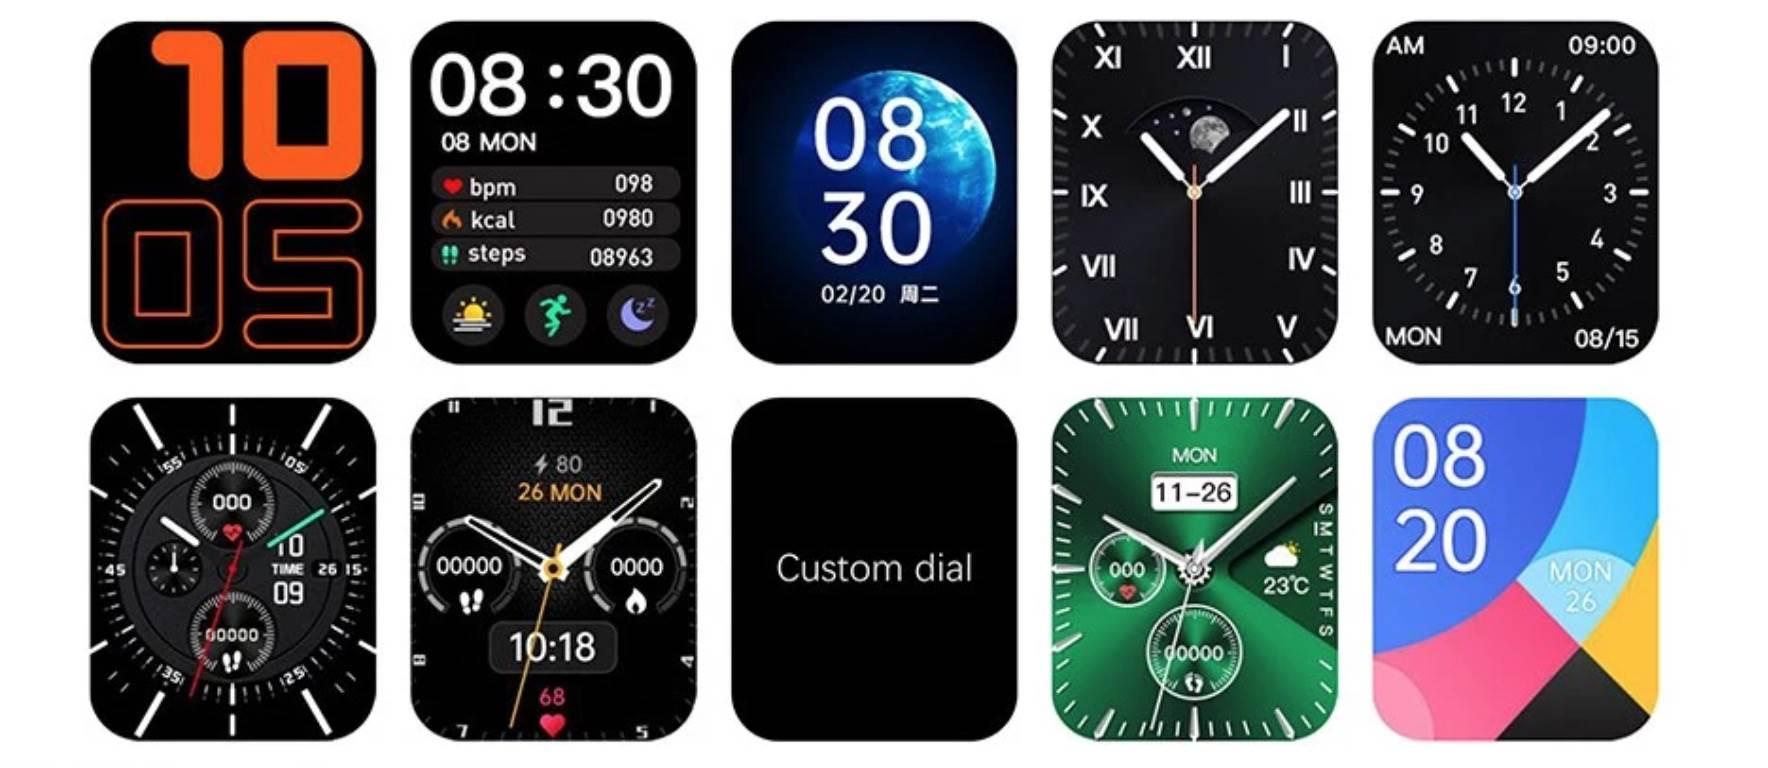 Mibro - tani, sportowy smartwatch z 15 trybami sportowymi ciekawostki tani smartwatch, smartwatch w niskiej cenie, promcja, Mibro XPAW002, dobry i tani smartwatch  Szukacie fajnego i taniego SmartWatcha, który będzie śledzić Waszą aktywność? Jeśli tak to tamy dla Was coś bardzo fajnego - Mibro XPAW002. 1@2x 1